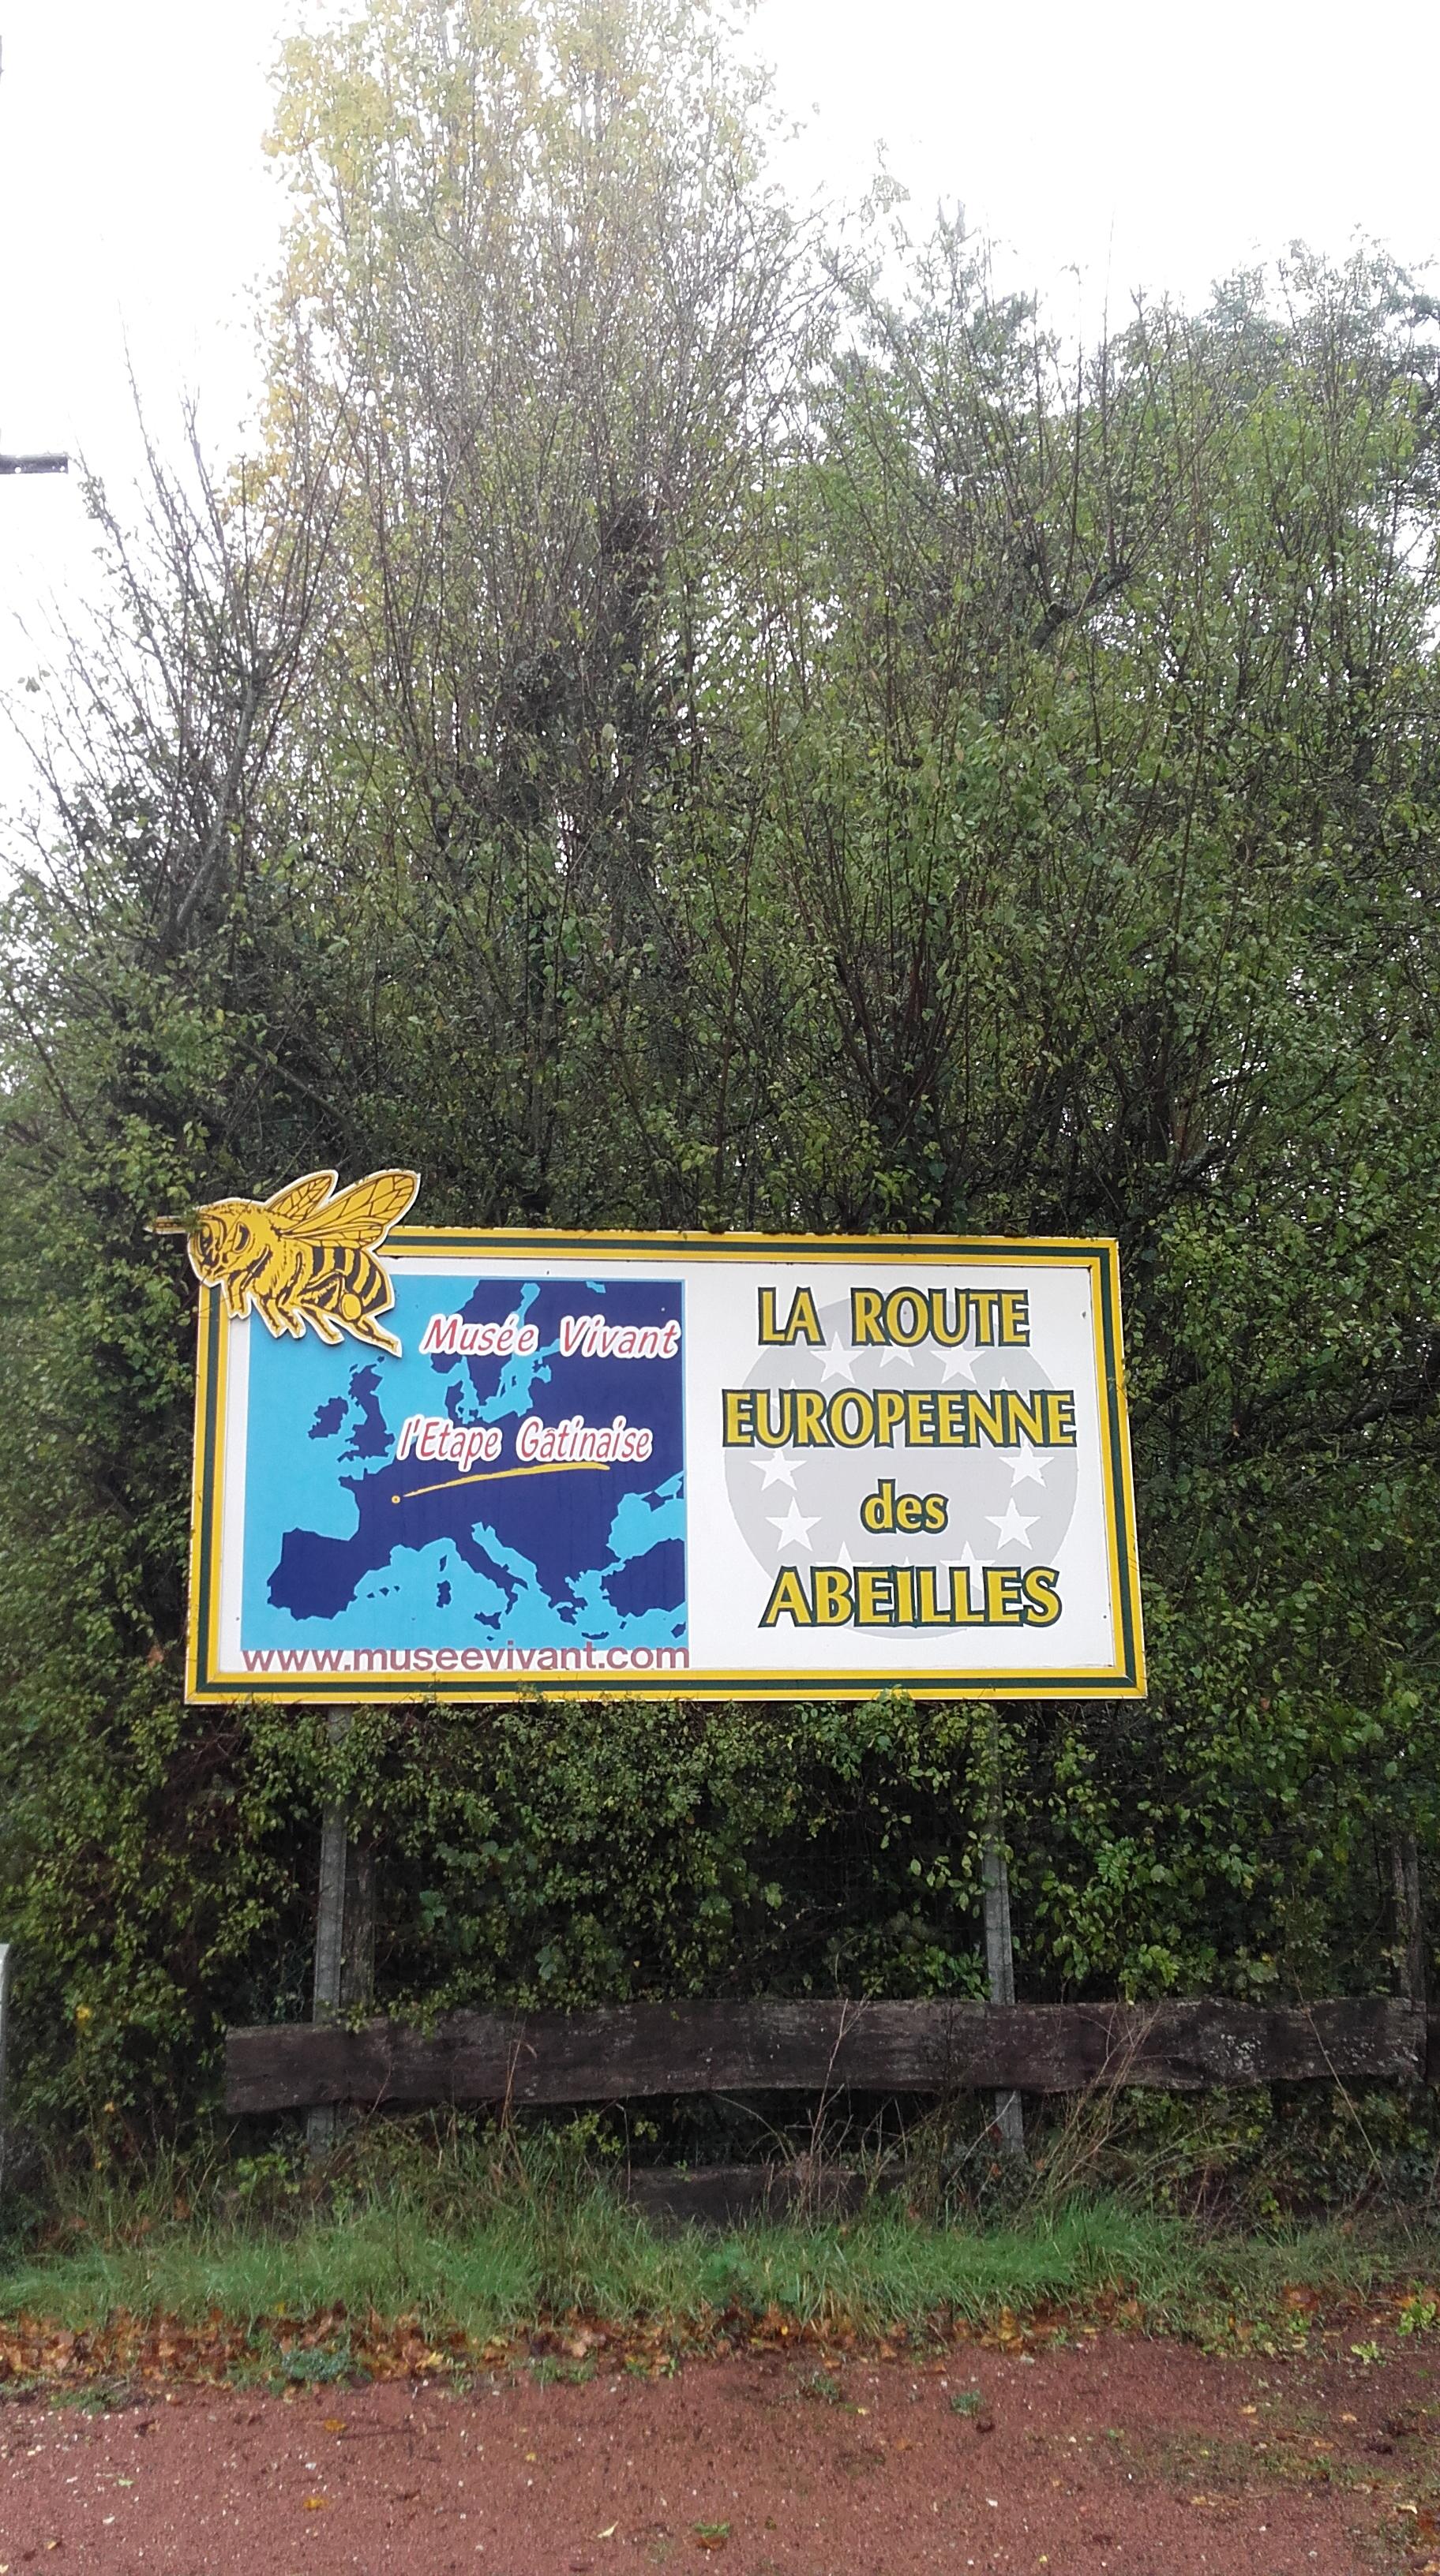 Musée vivant de l'apiculture, la route européenne des abeilles